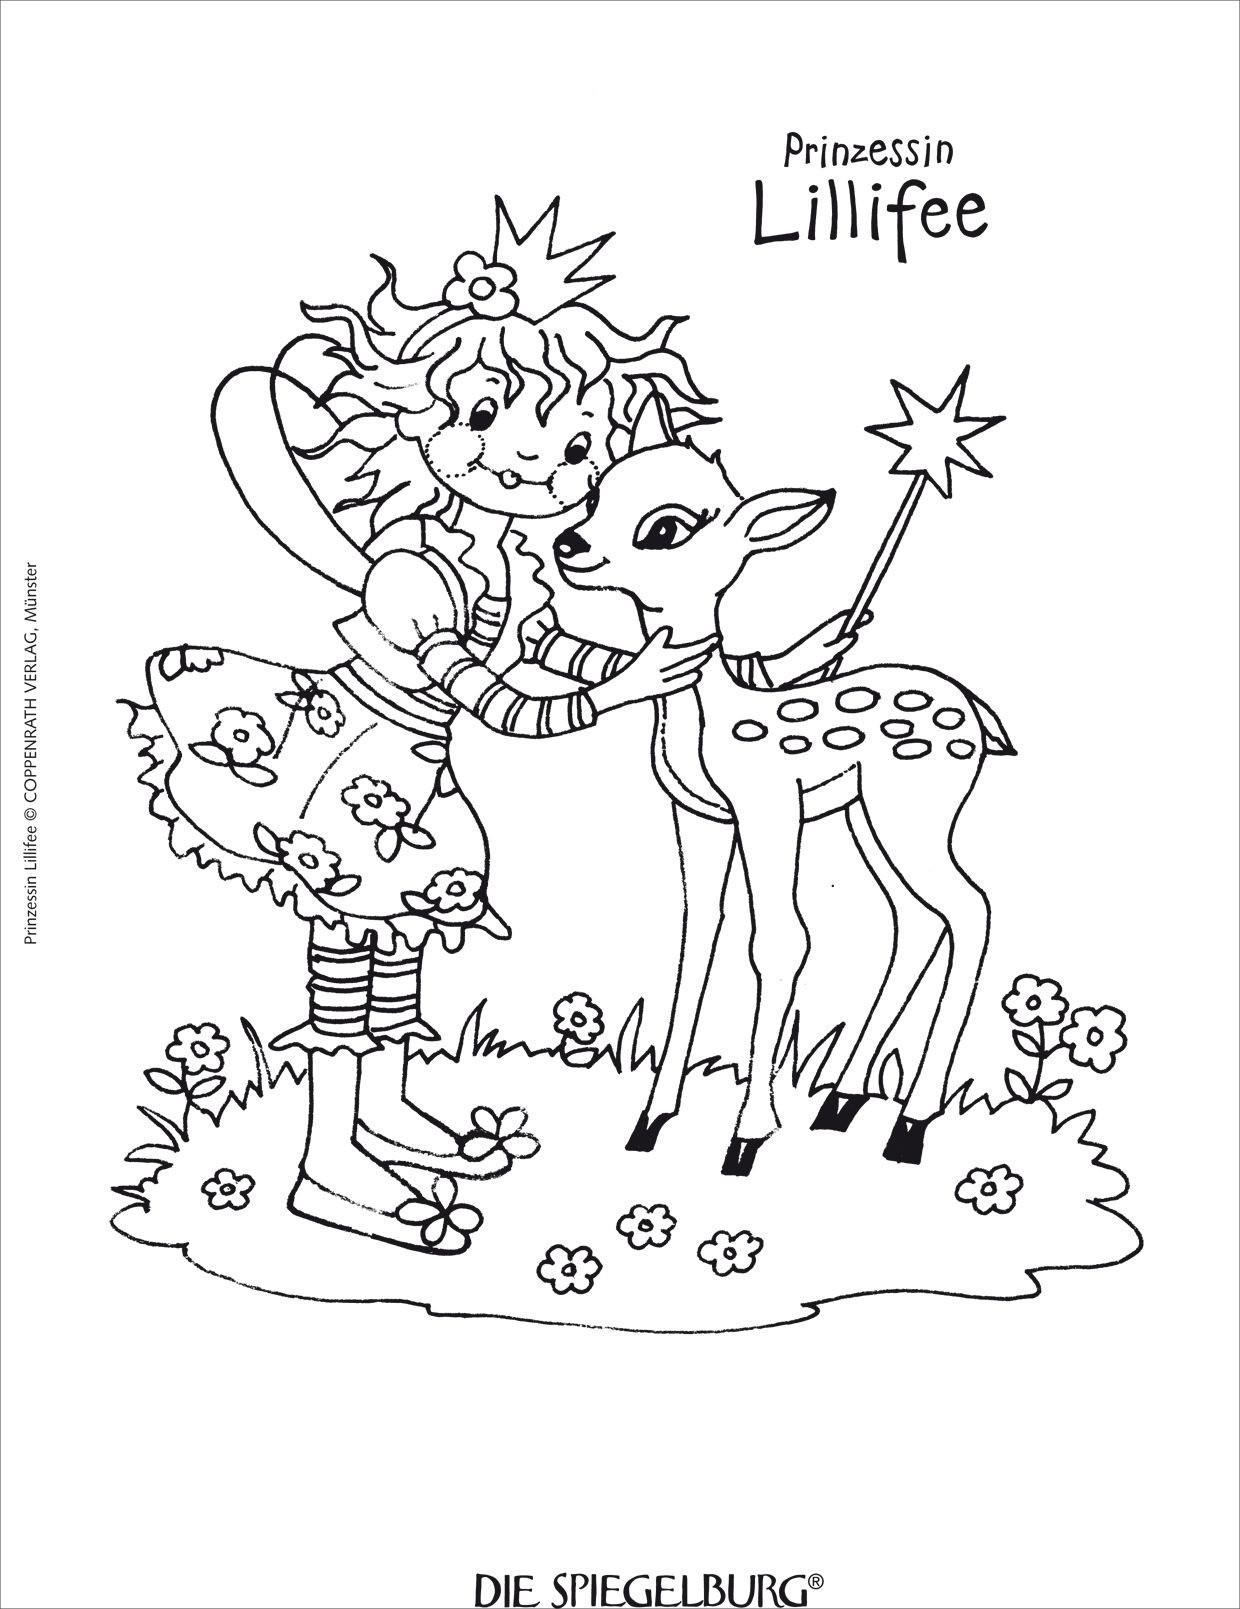 Unterwasserwelt Zum Ausmalen Einzigartig Prinzessin Lillifee Ausmalbilder Und Malvorlagen Luxus Malvorlagen Das Bild